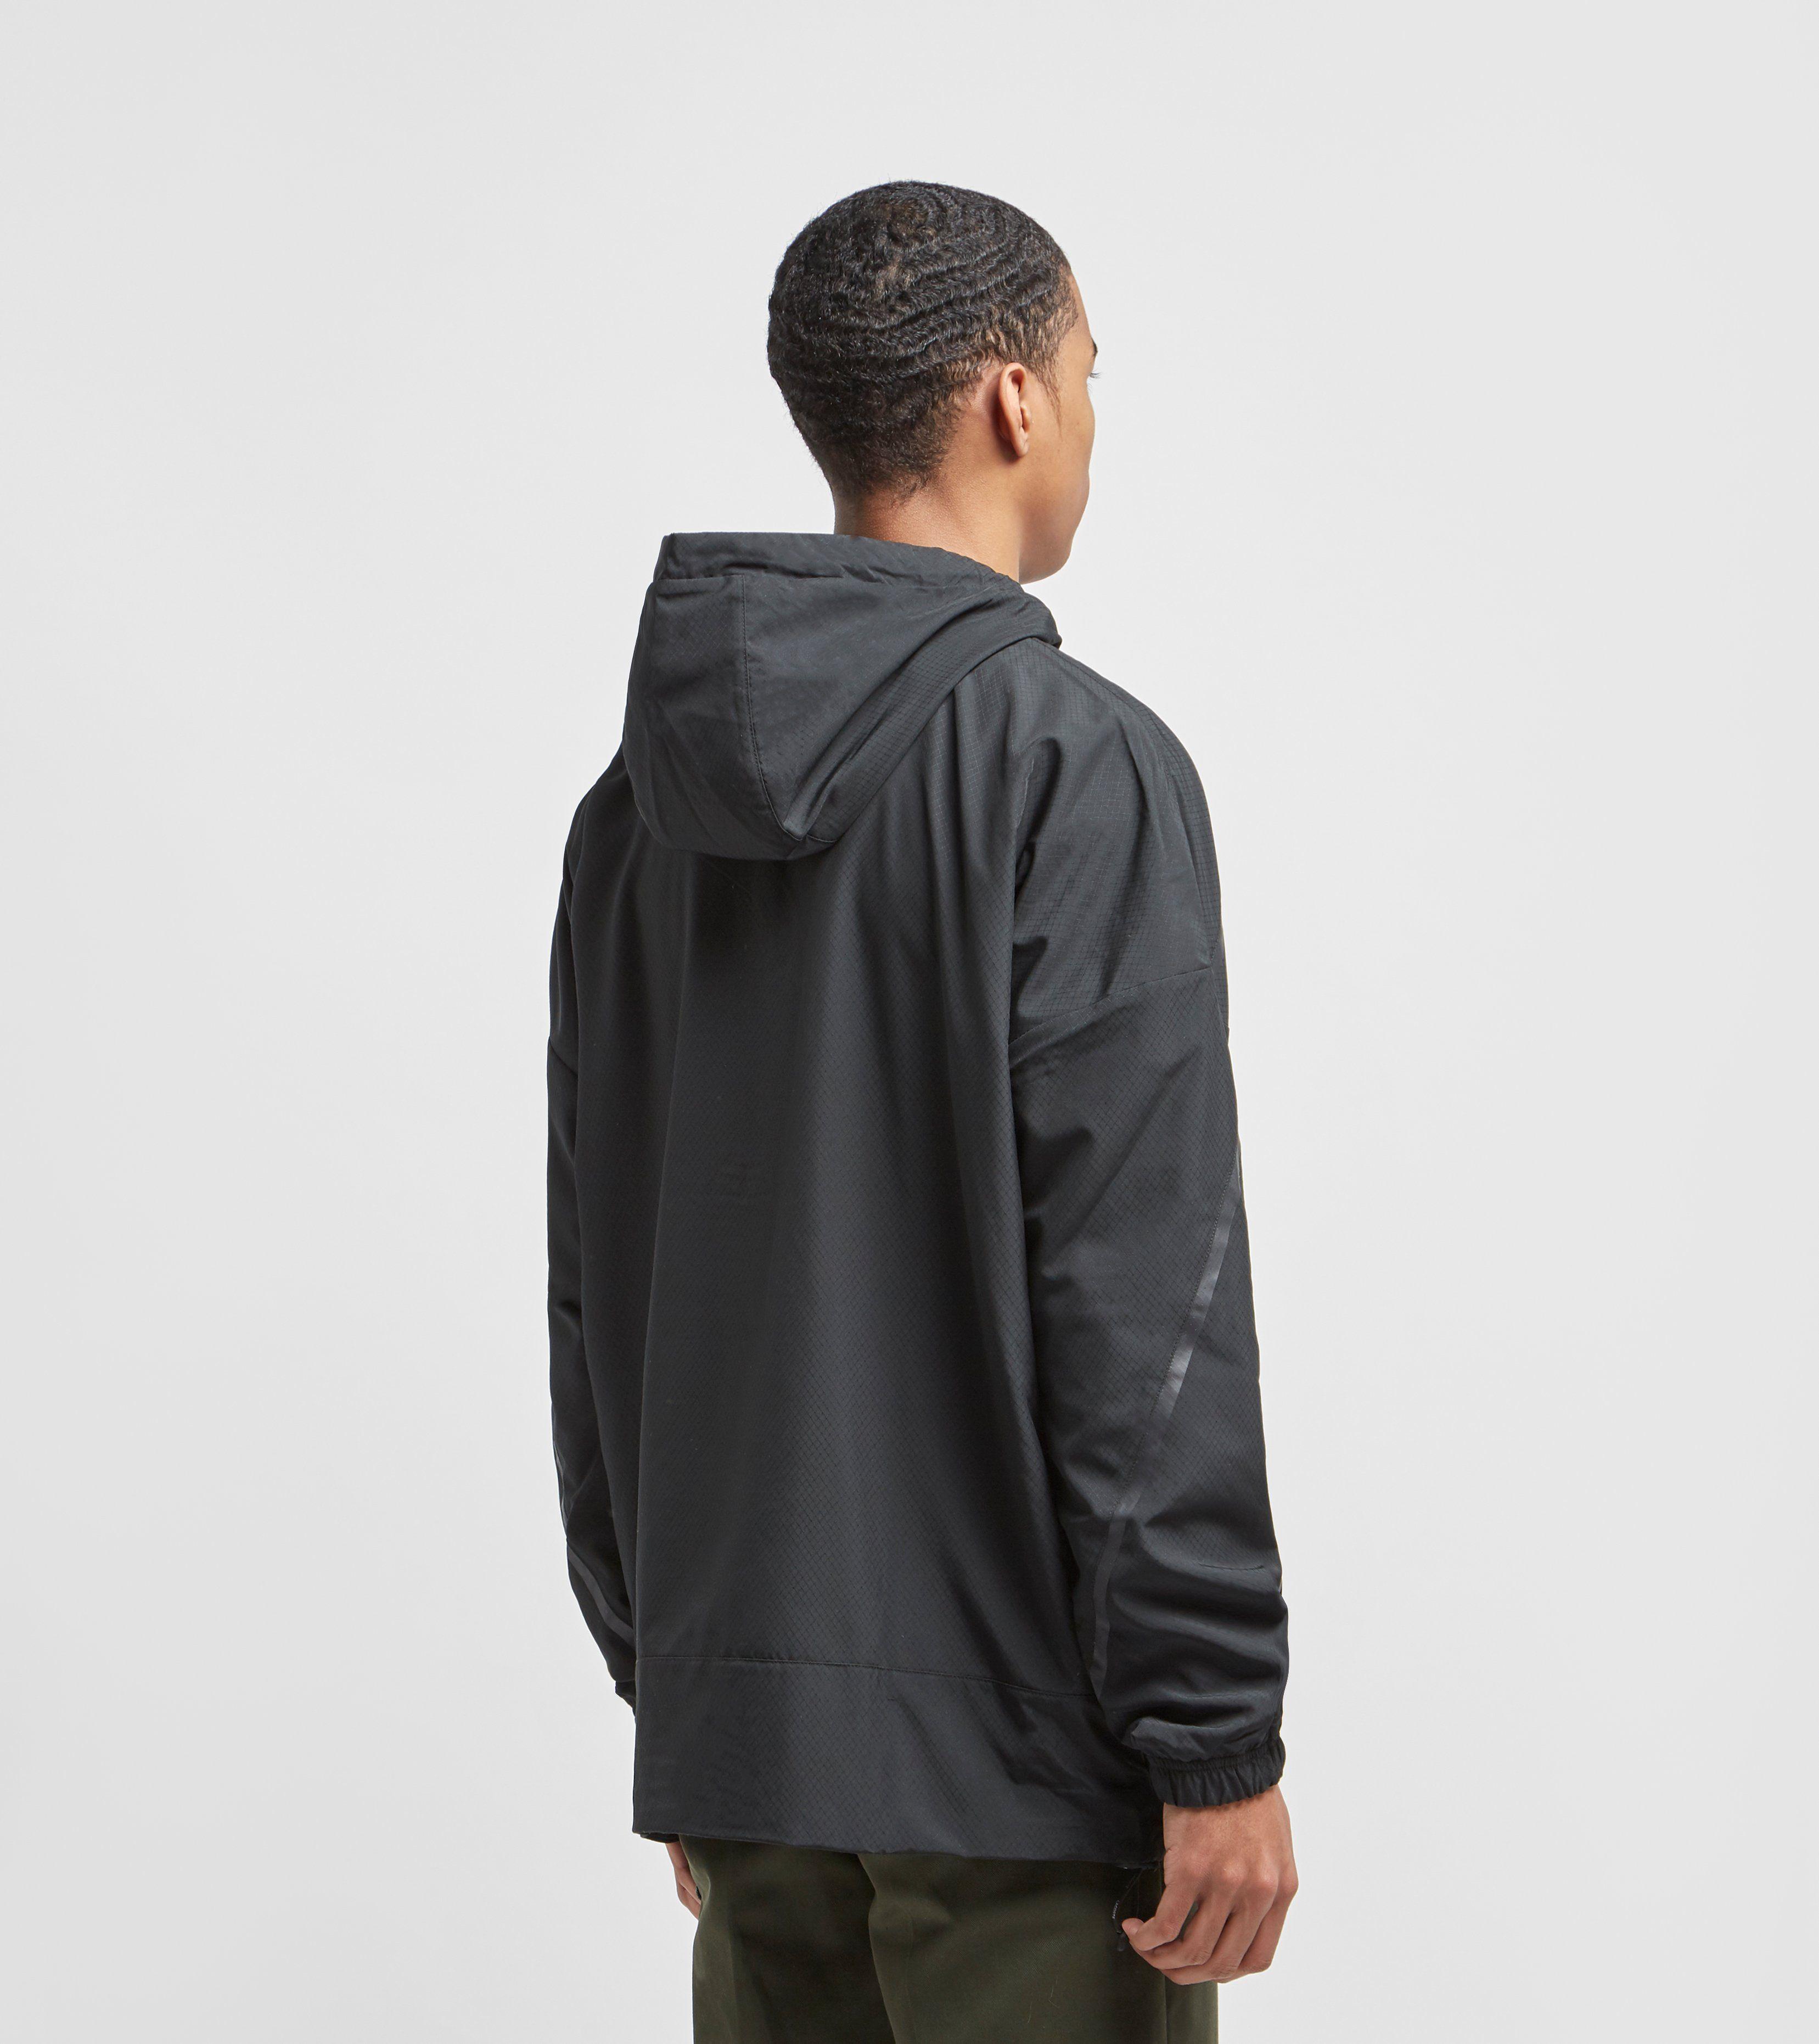 Lacoste 1/2 Zip Pullover Jacket